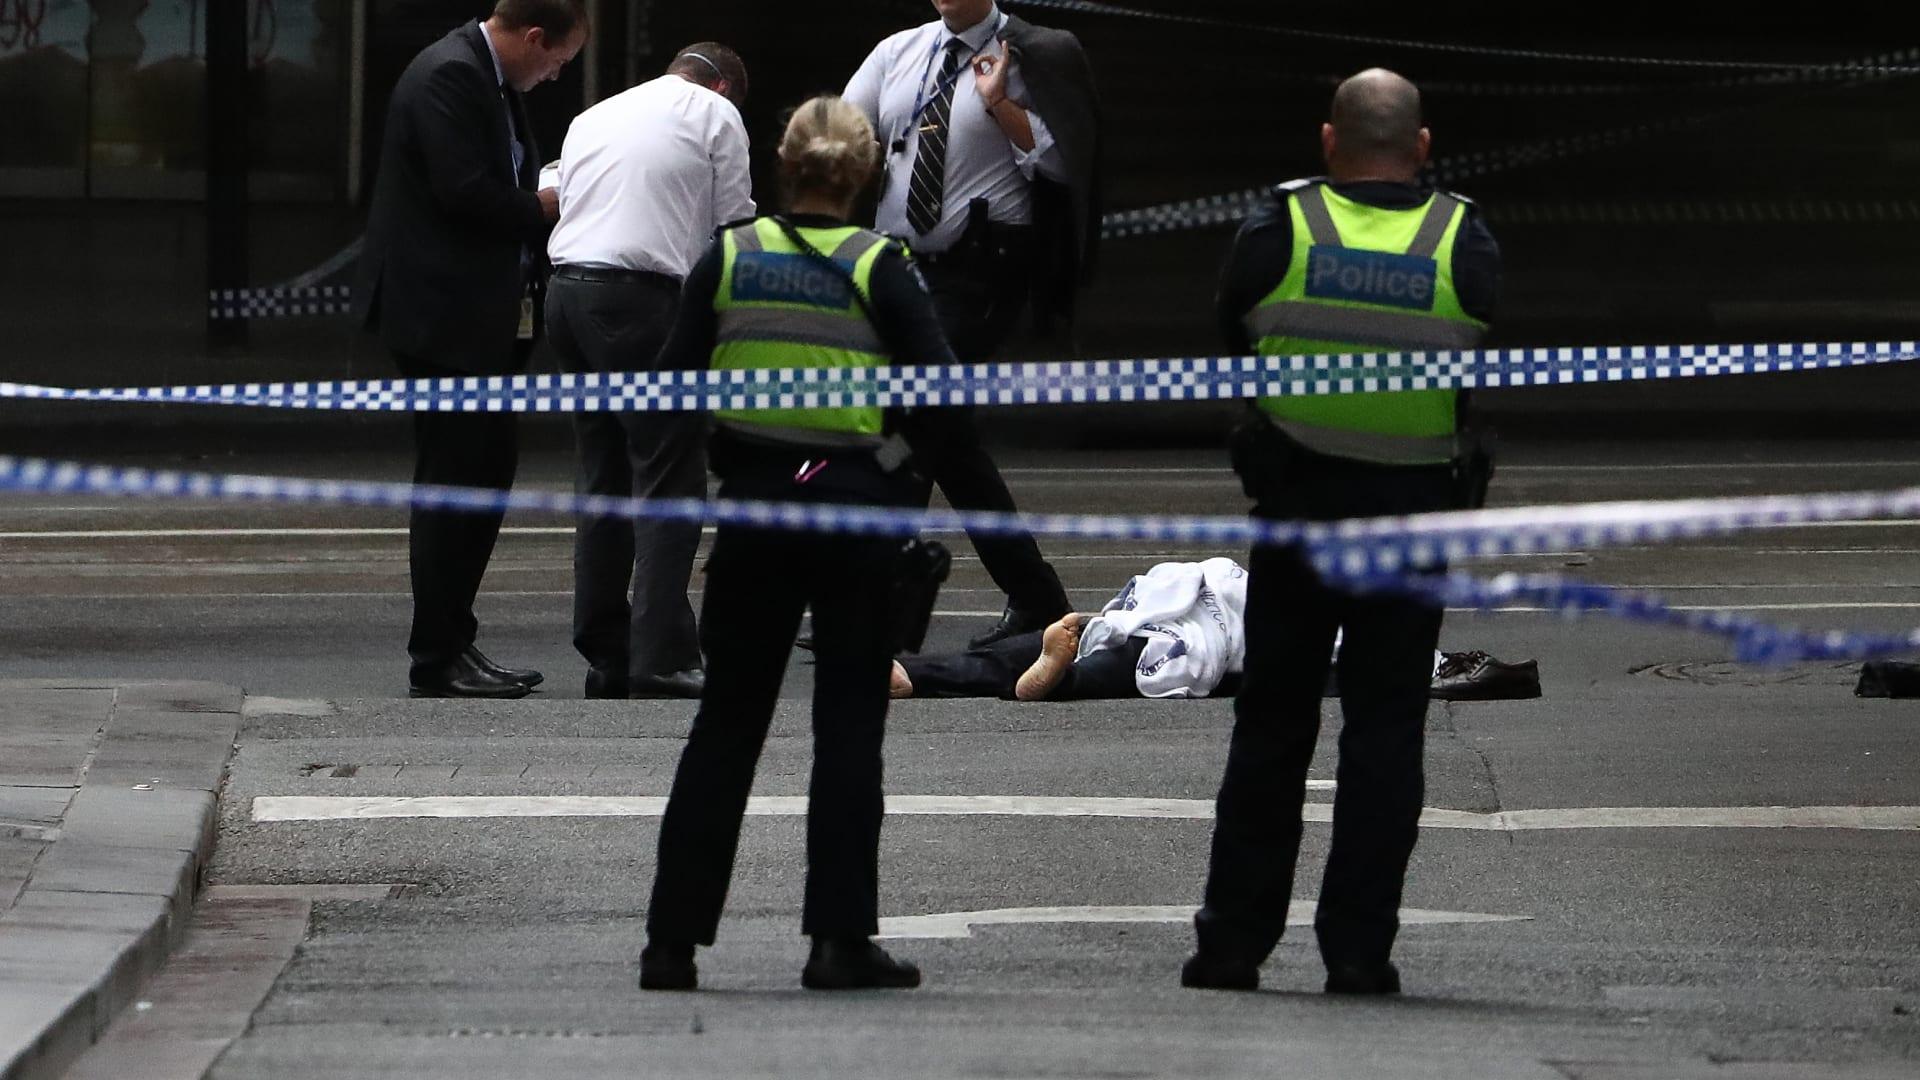 شاهد.. مسلح يحاول طعن رجال شرطة في أستراليا